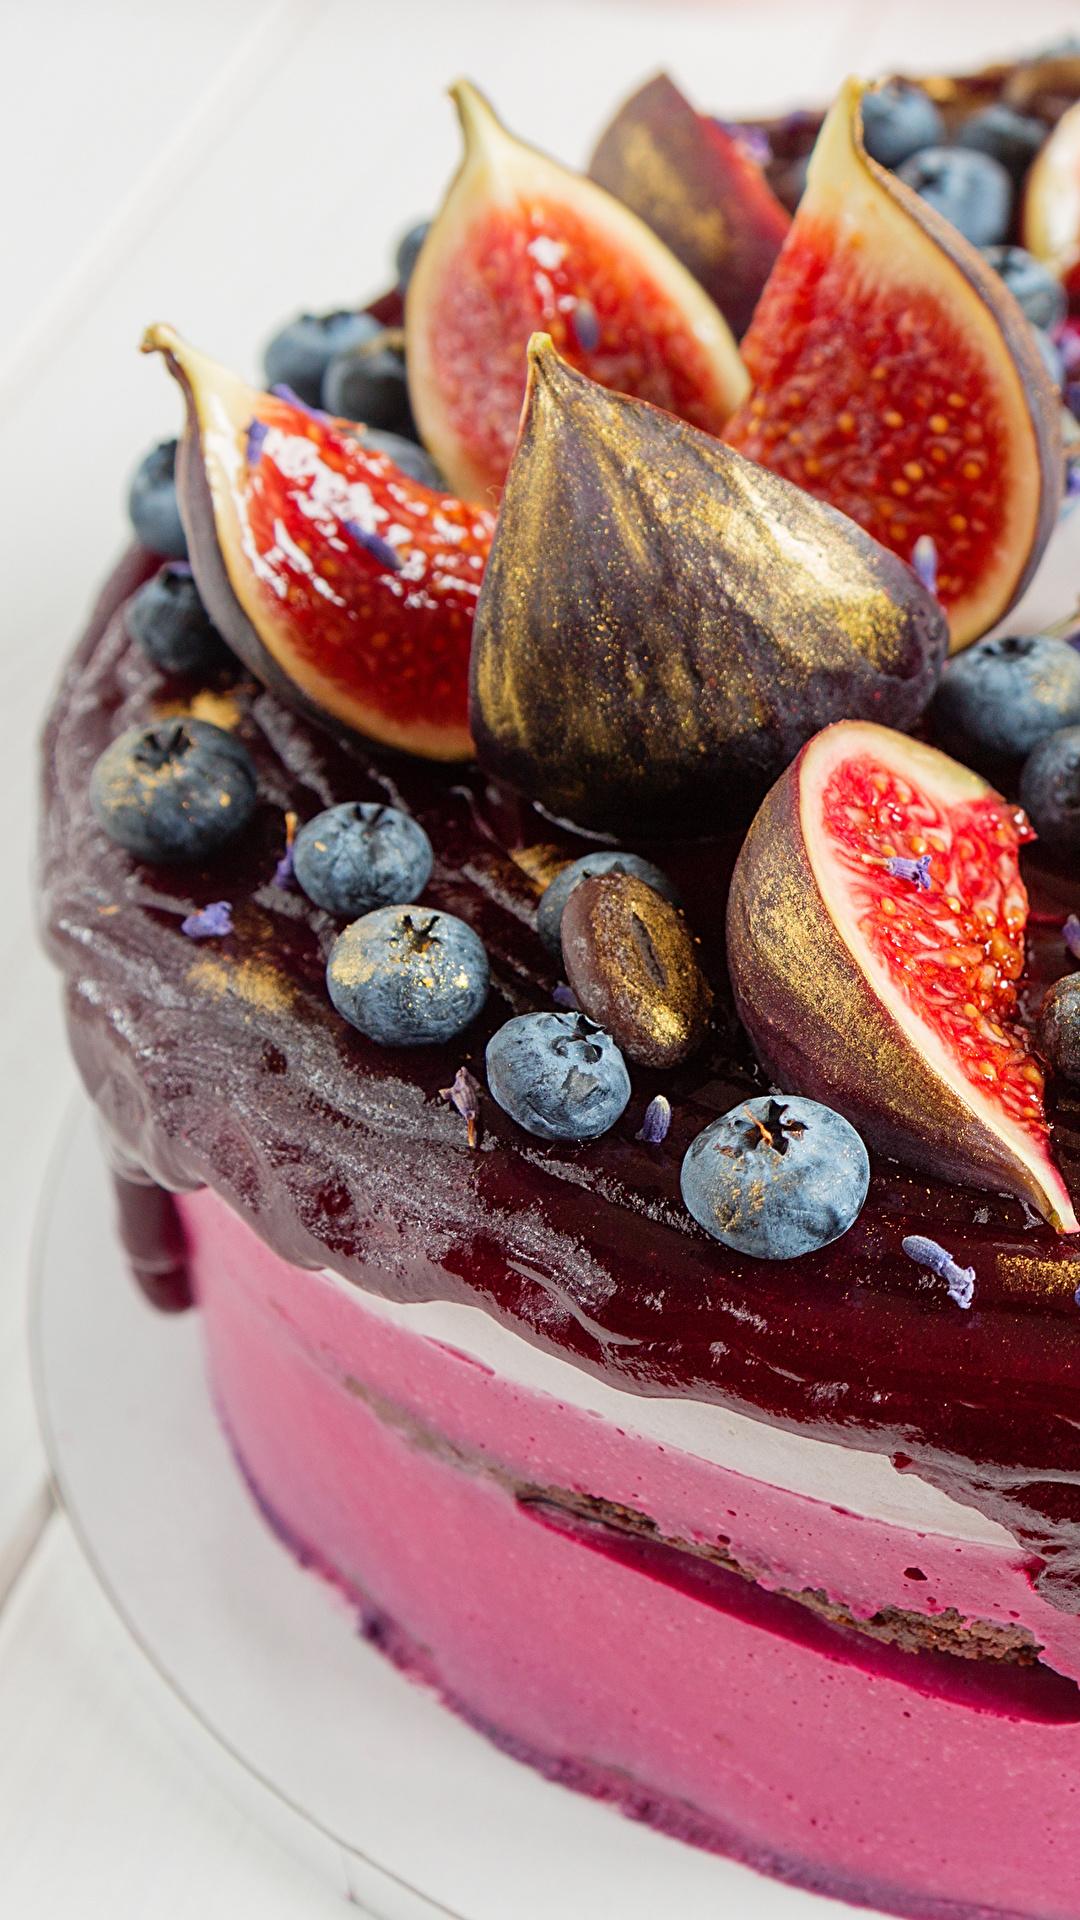 Фотографии Инжир Торты Черника Еда Сладости 1080x1920 для мобильного телефона Пища Продукты питания сладкая еда